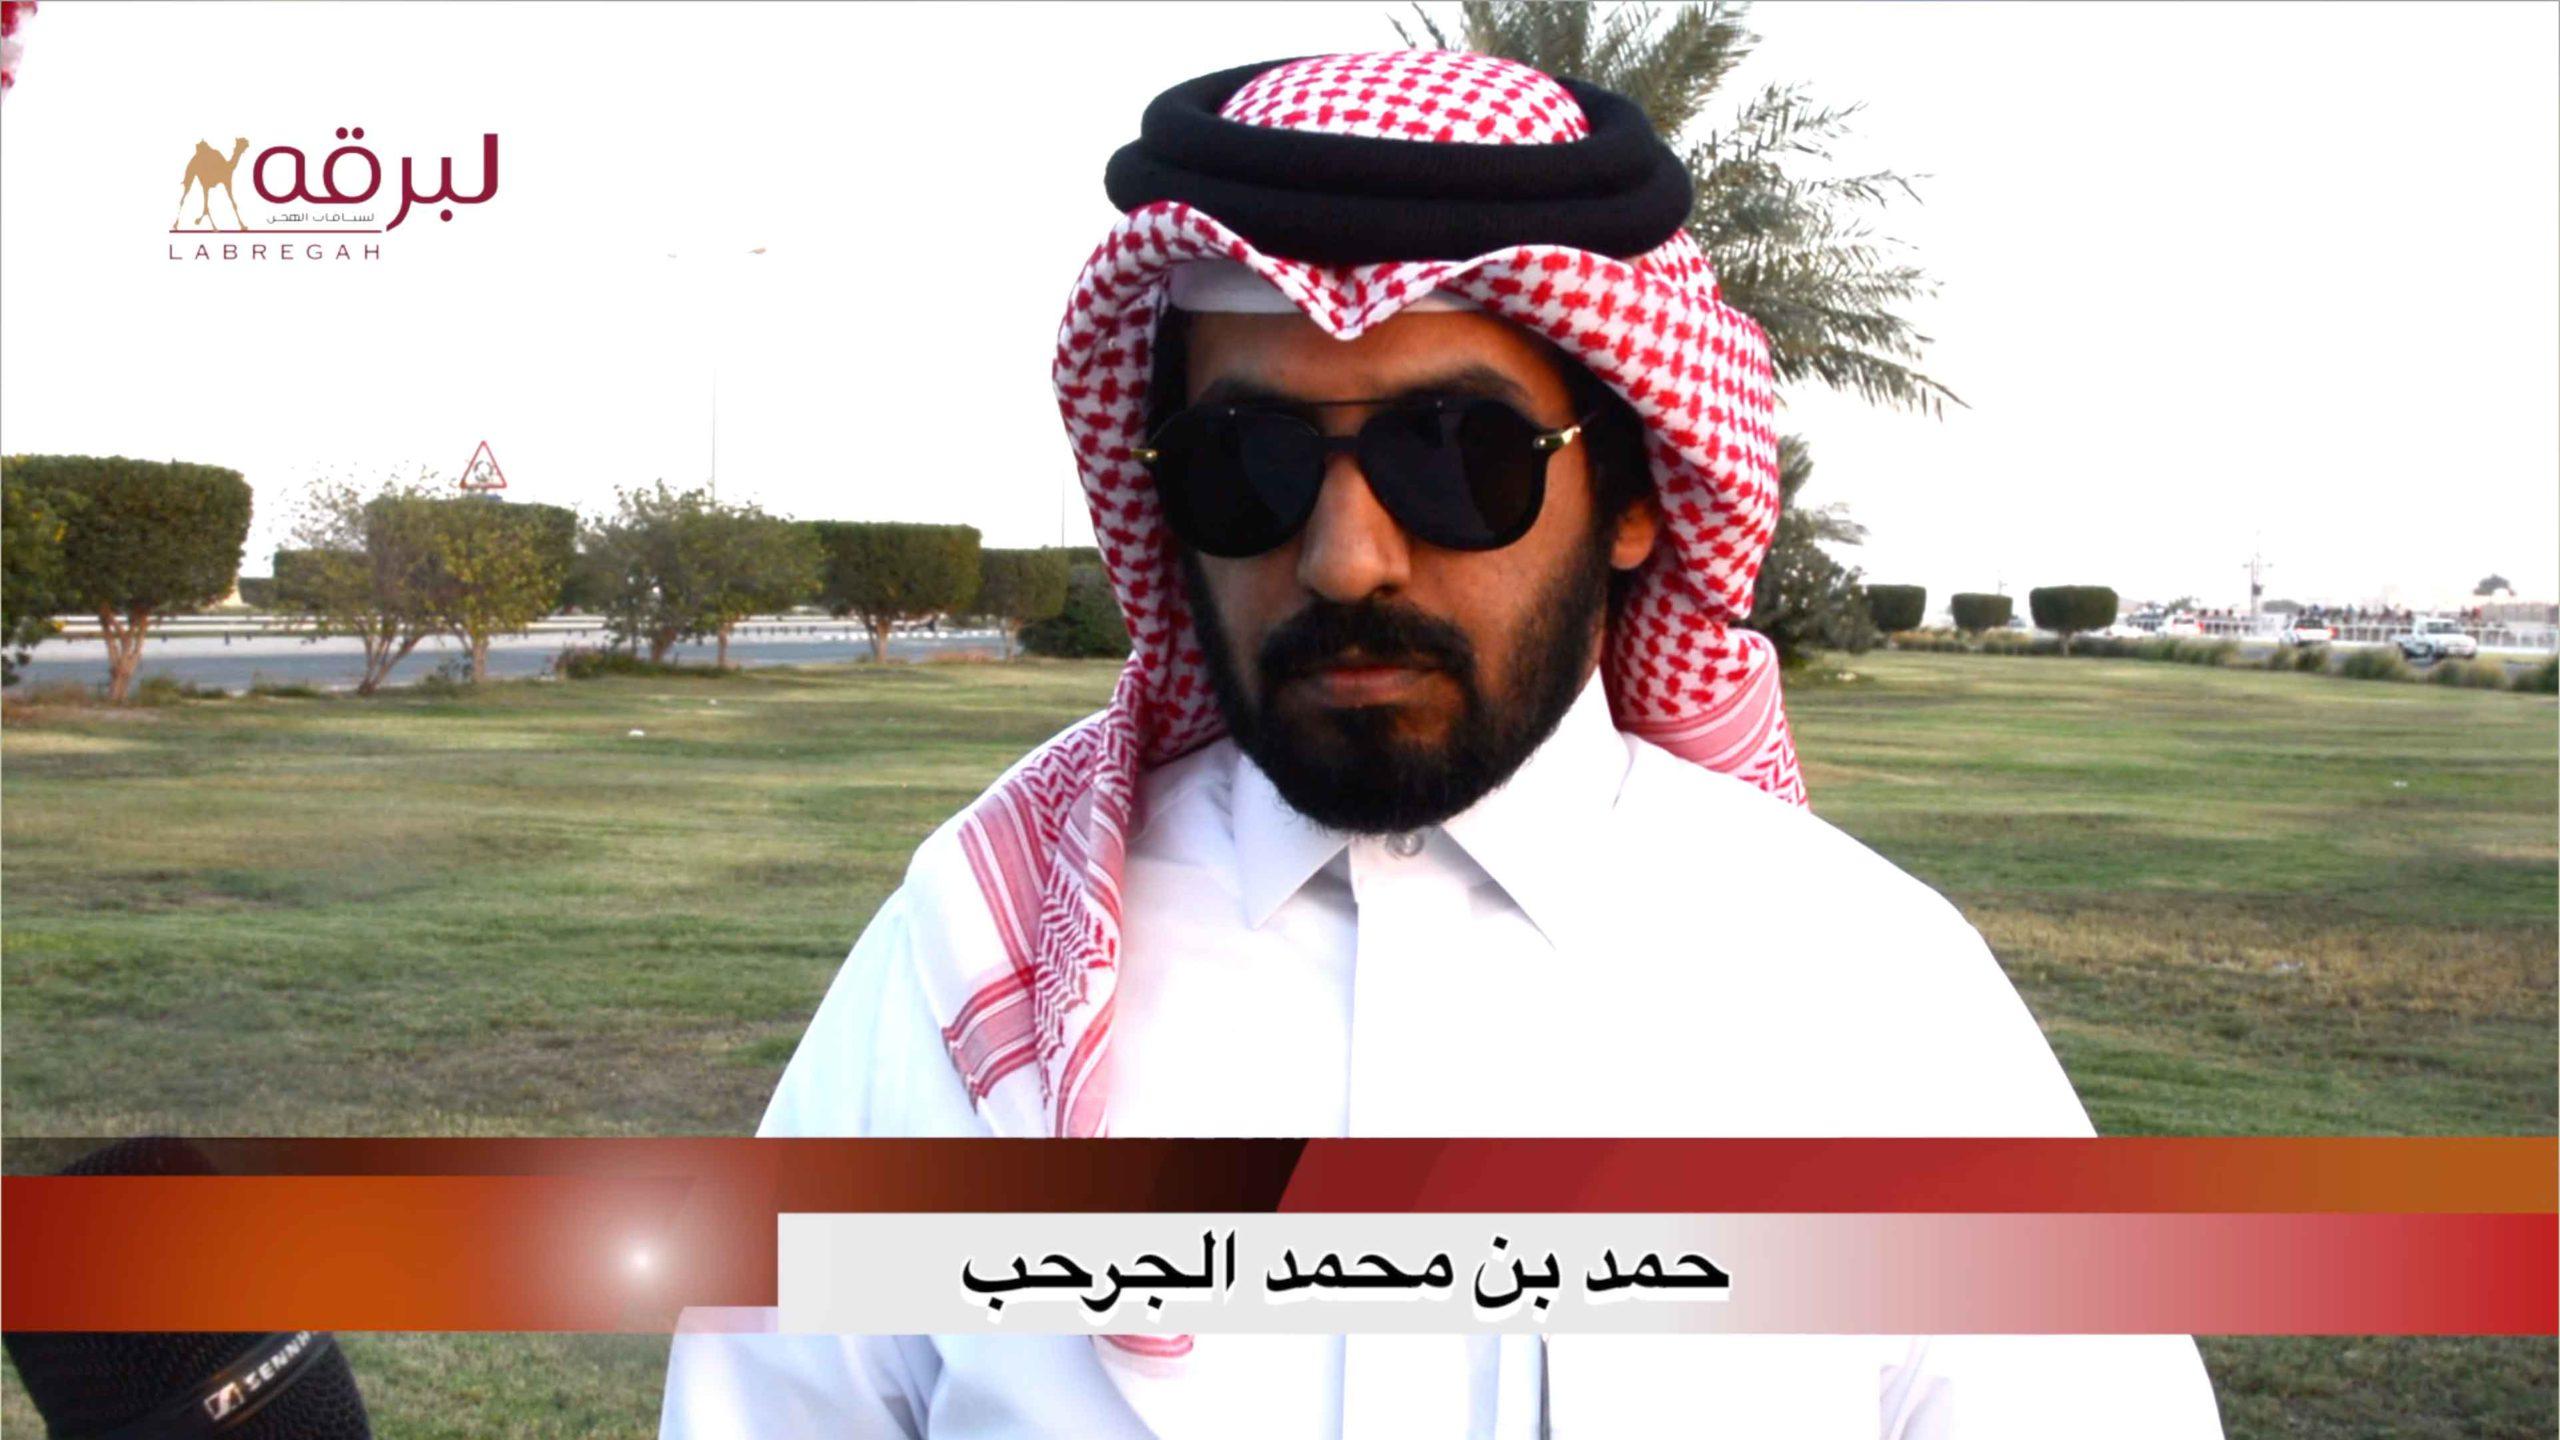 لقاء مع حمد بن محمد الجرحب.. الشوط الرئيسي للحقايق بكار إنتاج الأشواط المفتوحة صباح ٢١-١٠-٢٠٢٠